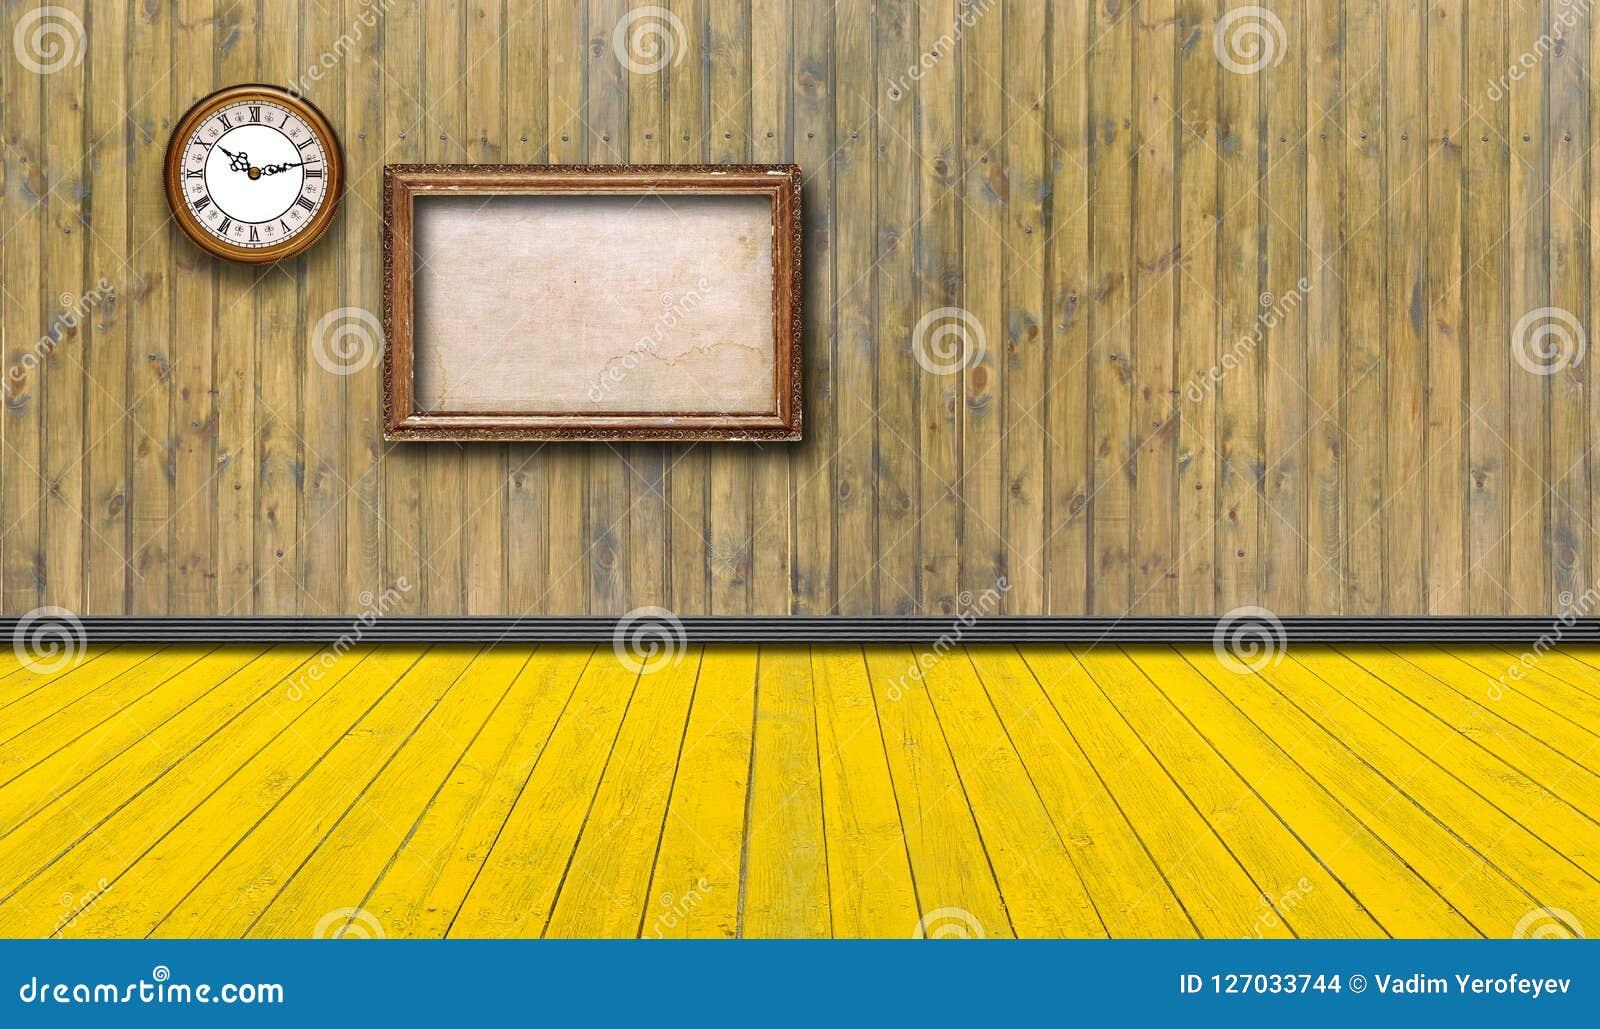 Leeg uitstekend kaders en horloge tegen een houten muur